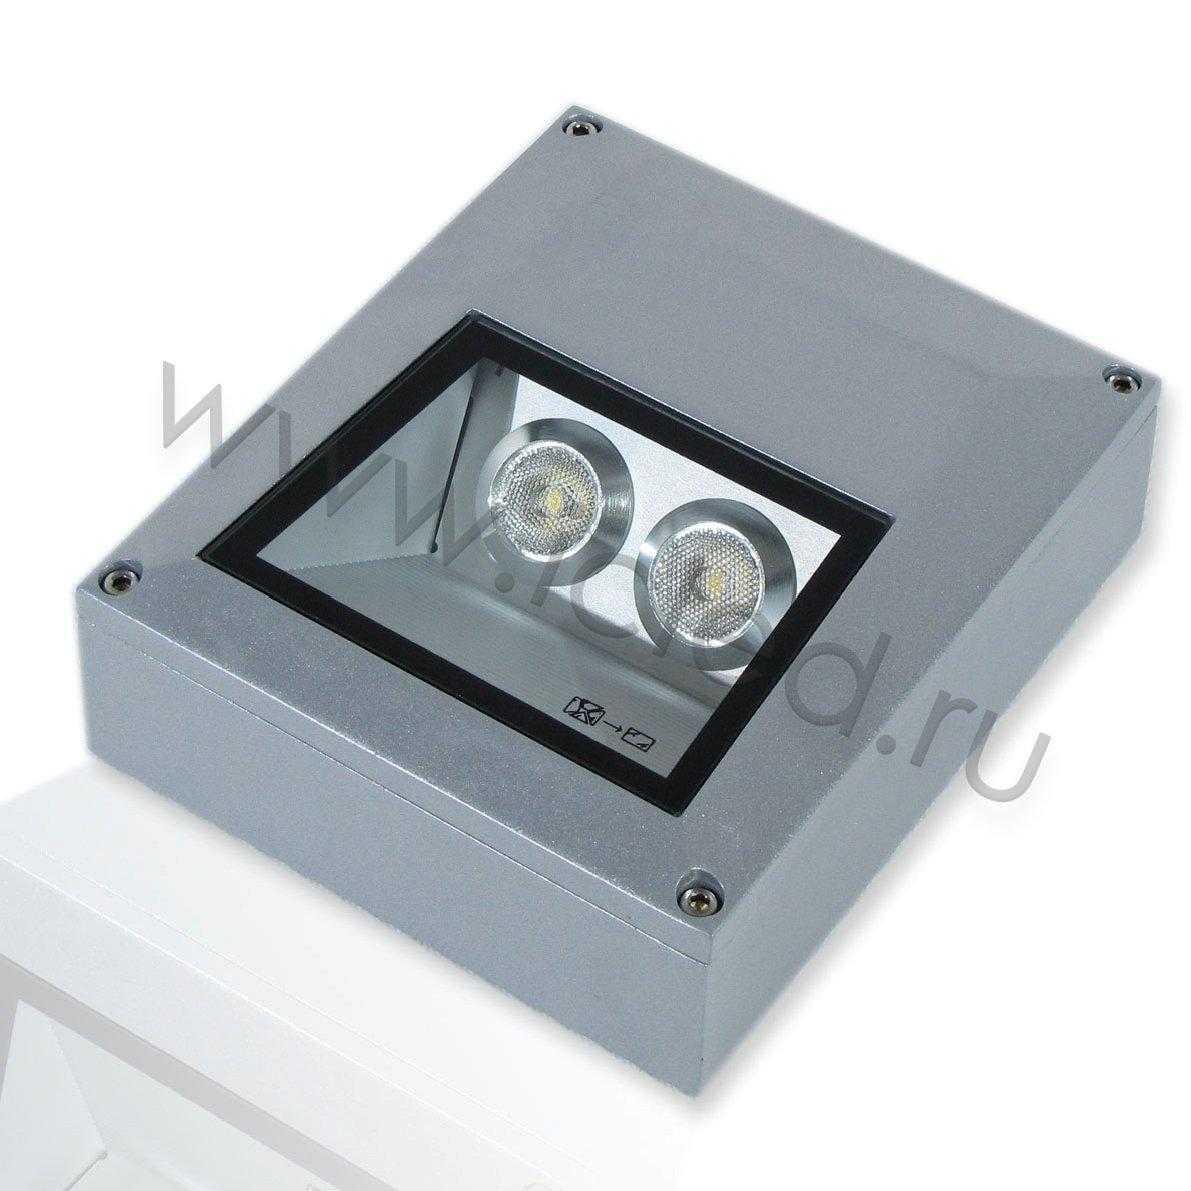 Светодиодный светильник UCR7810 MS, Warm White